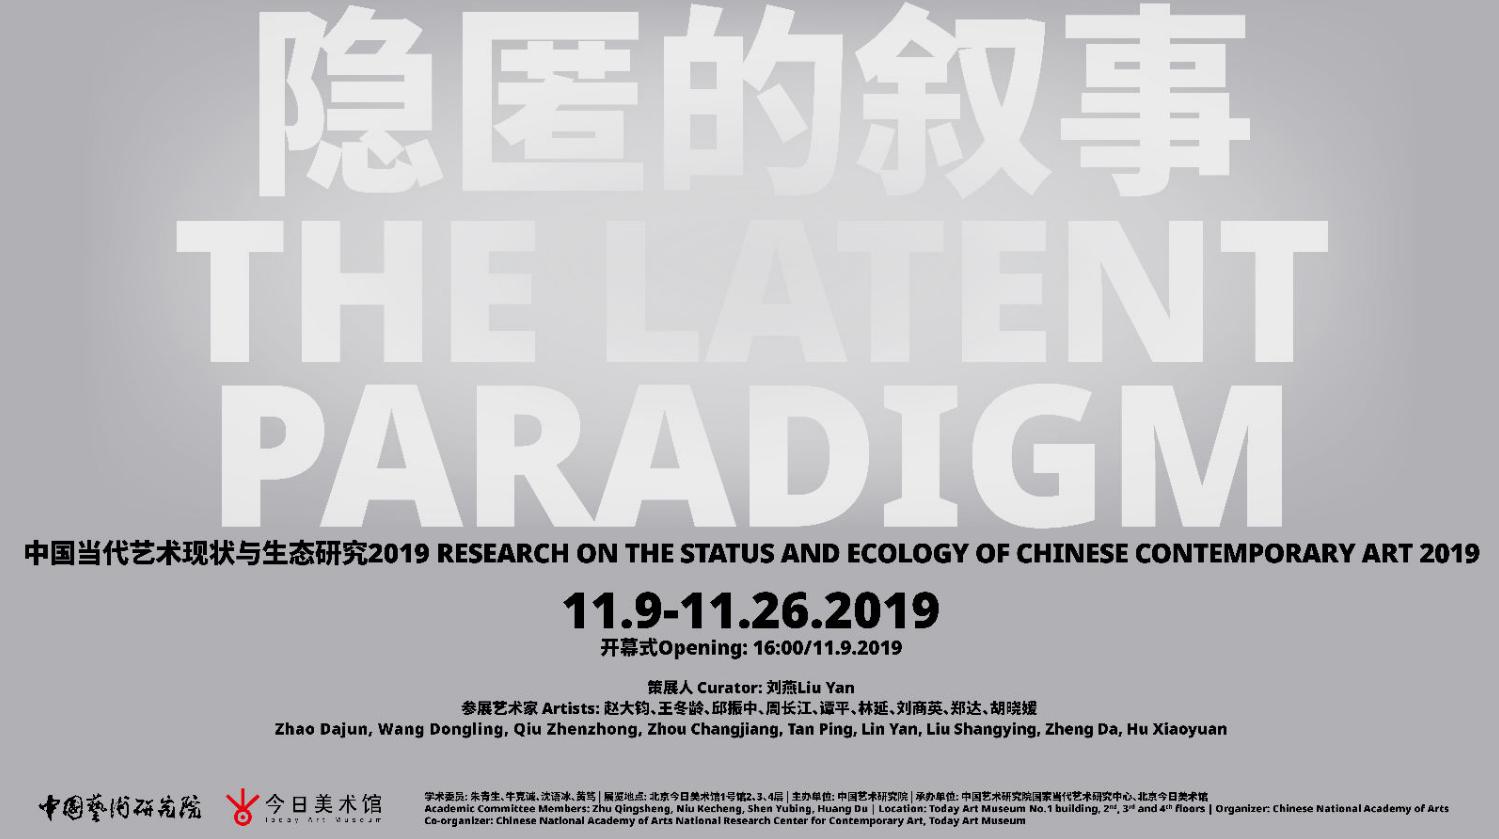 隐匿的叙事——中国当代艺术现状与生态研究2019盛大开幕